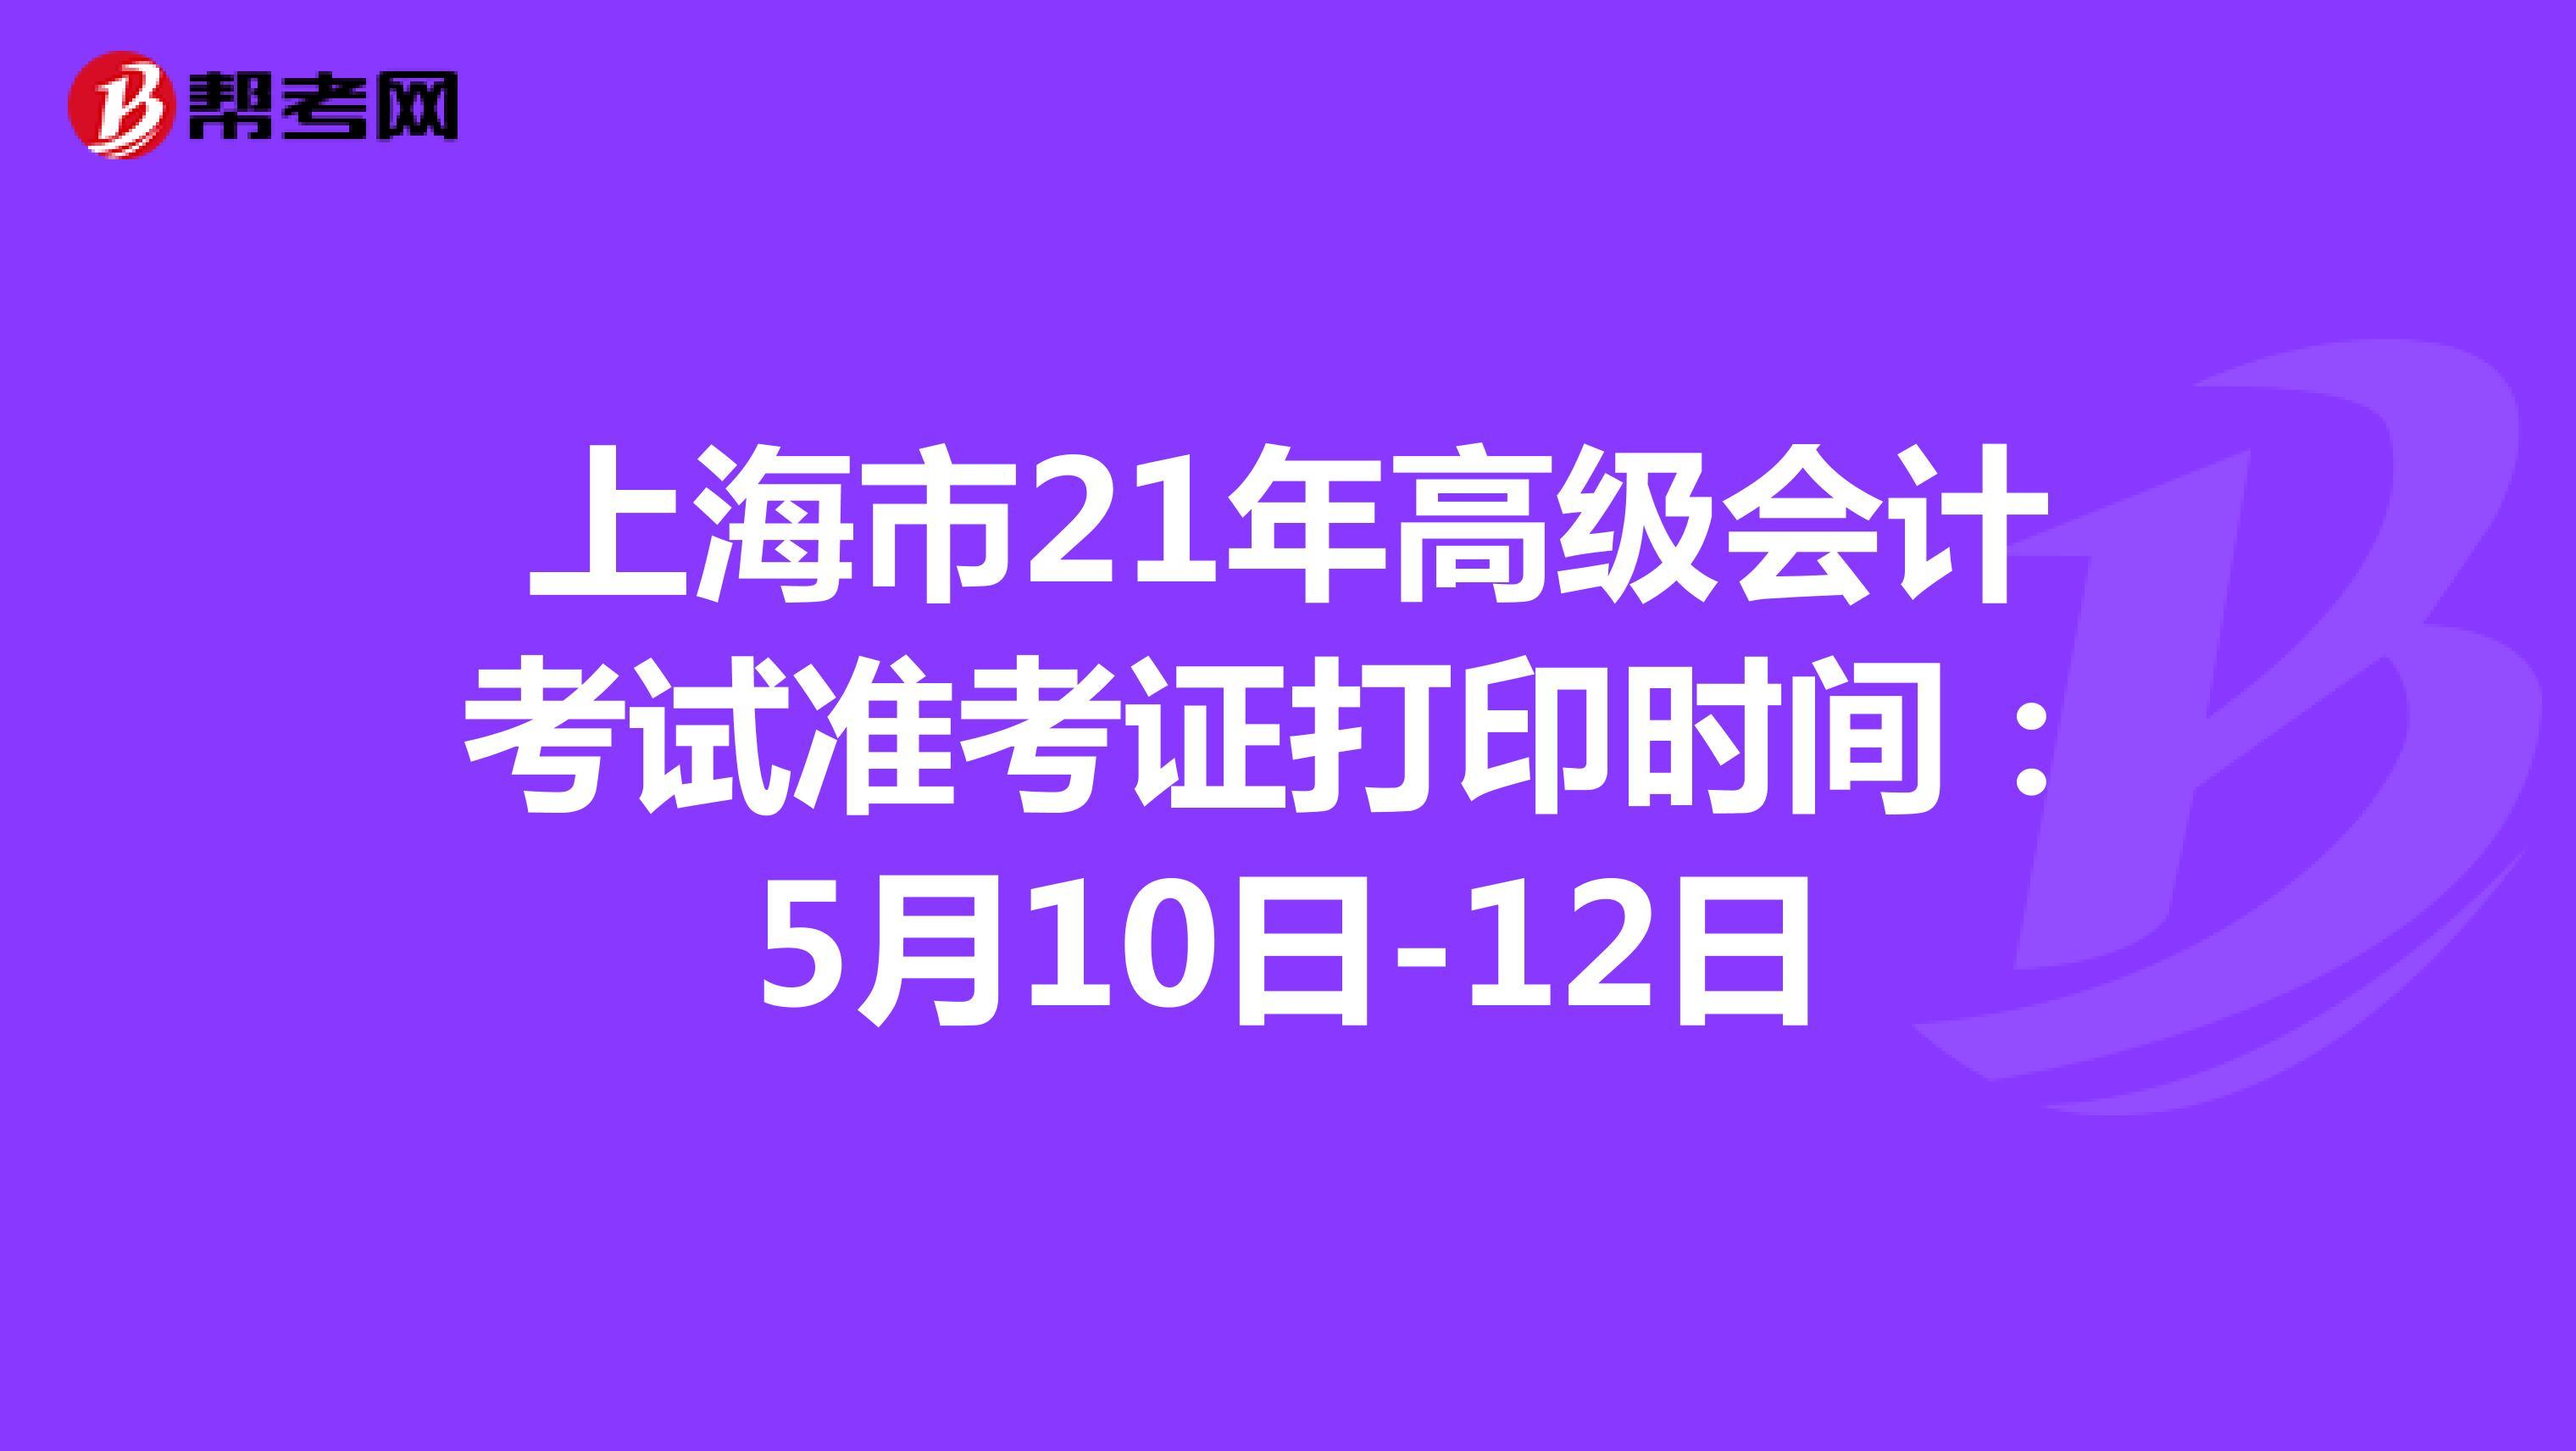 上海市21年高级会计考试准考证打印时间:5月10日-12日